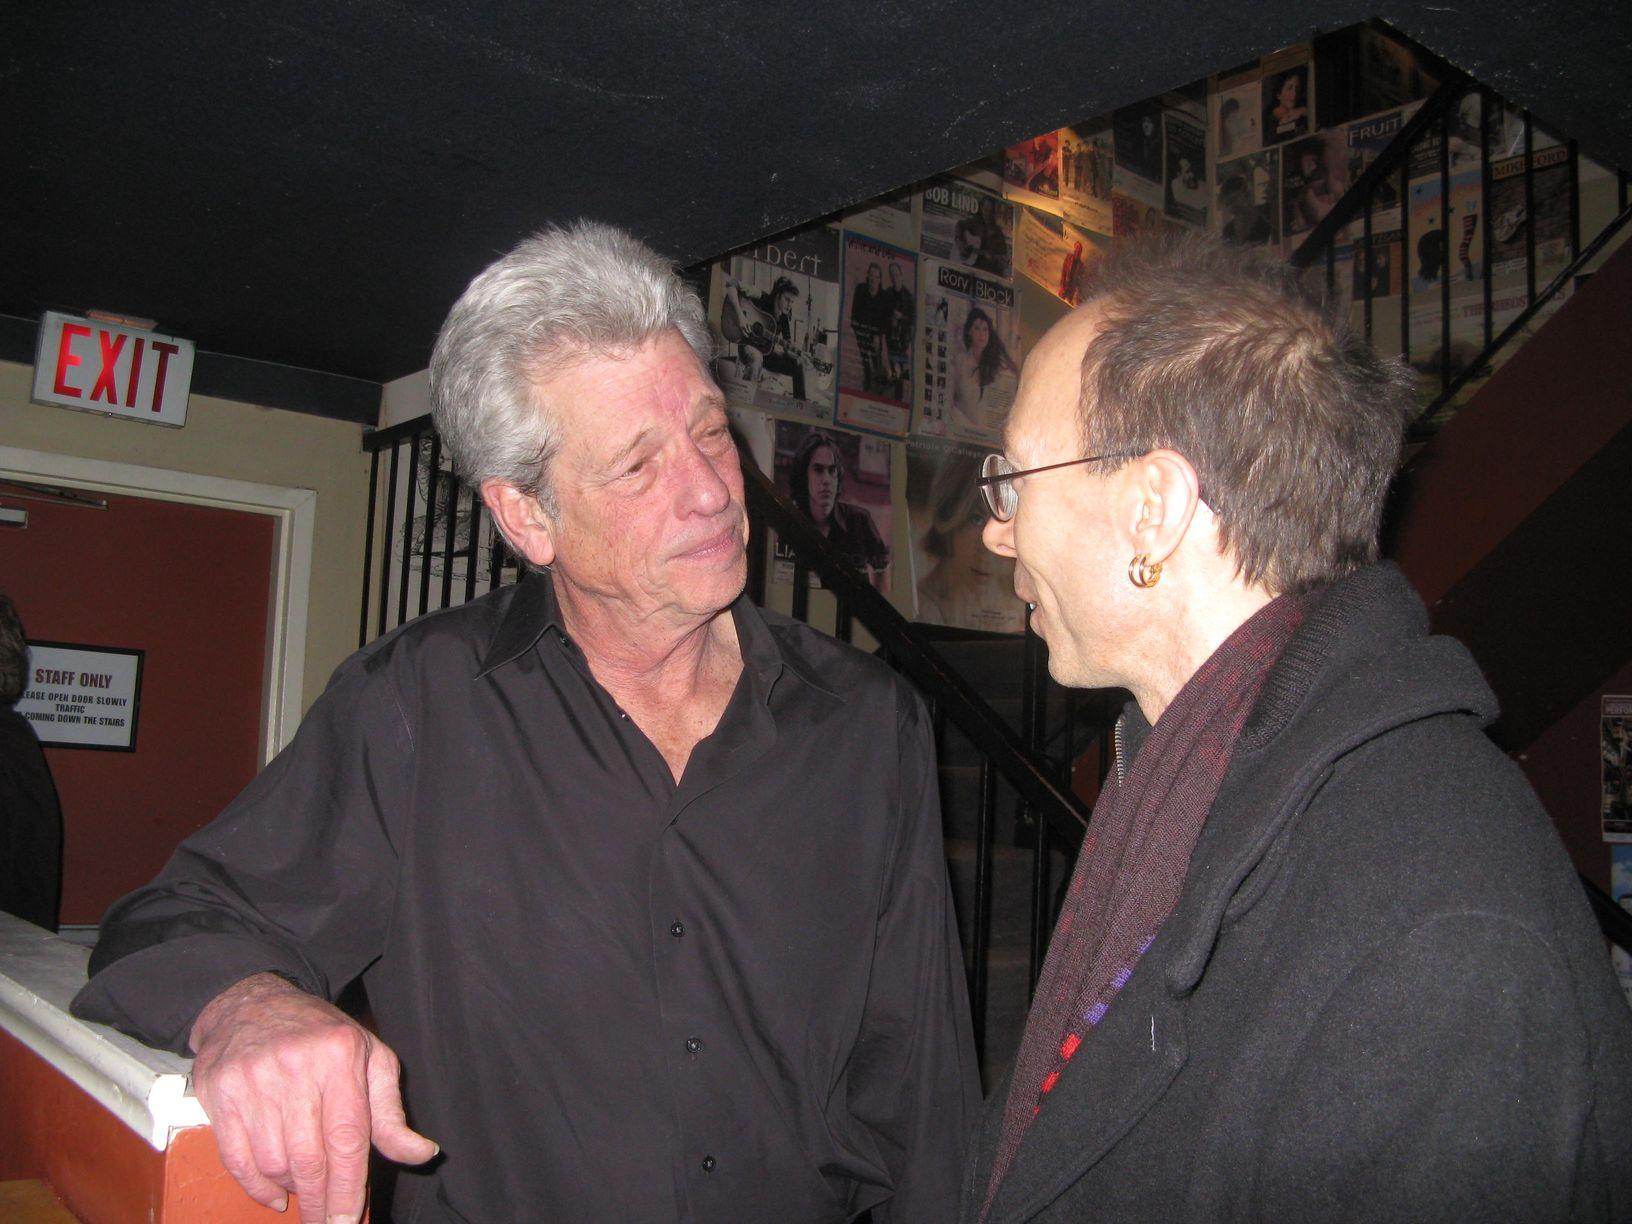 John Hammond Jr. Concert; Feb. 19, 2011